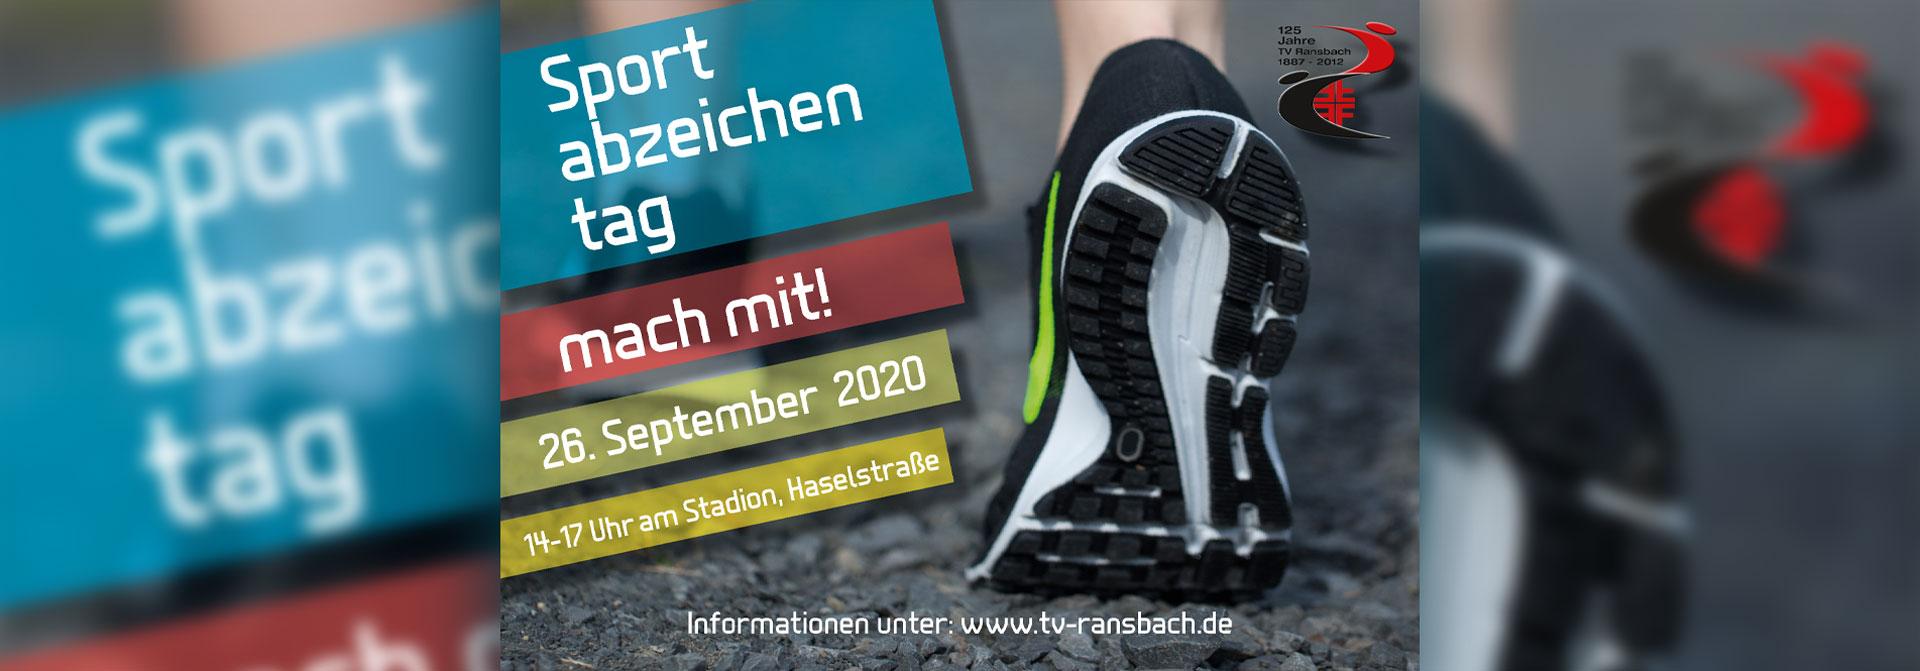 Sportabzeichen 2020 beim TV Ransbach